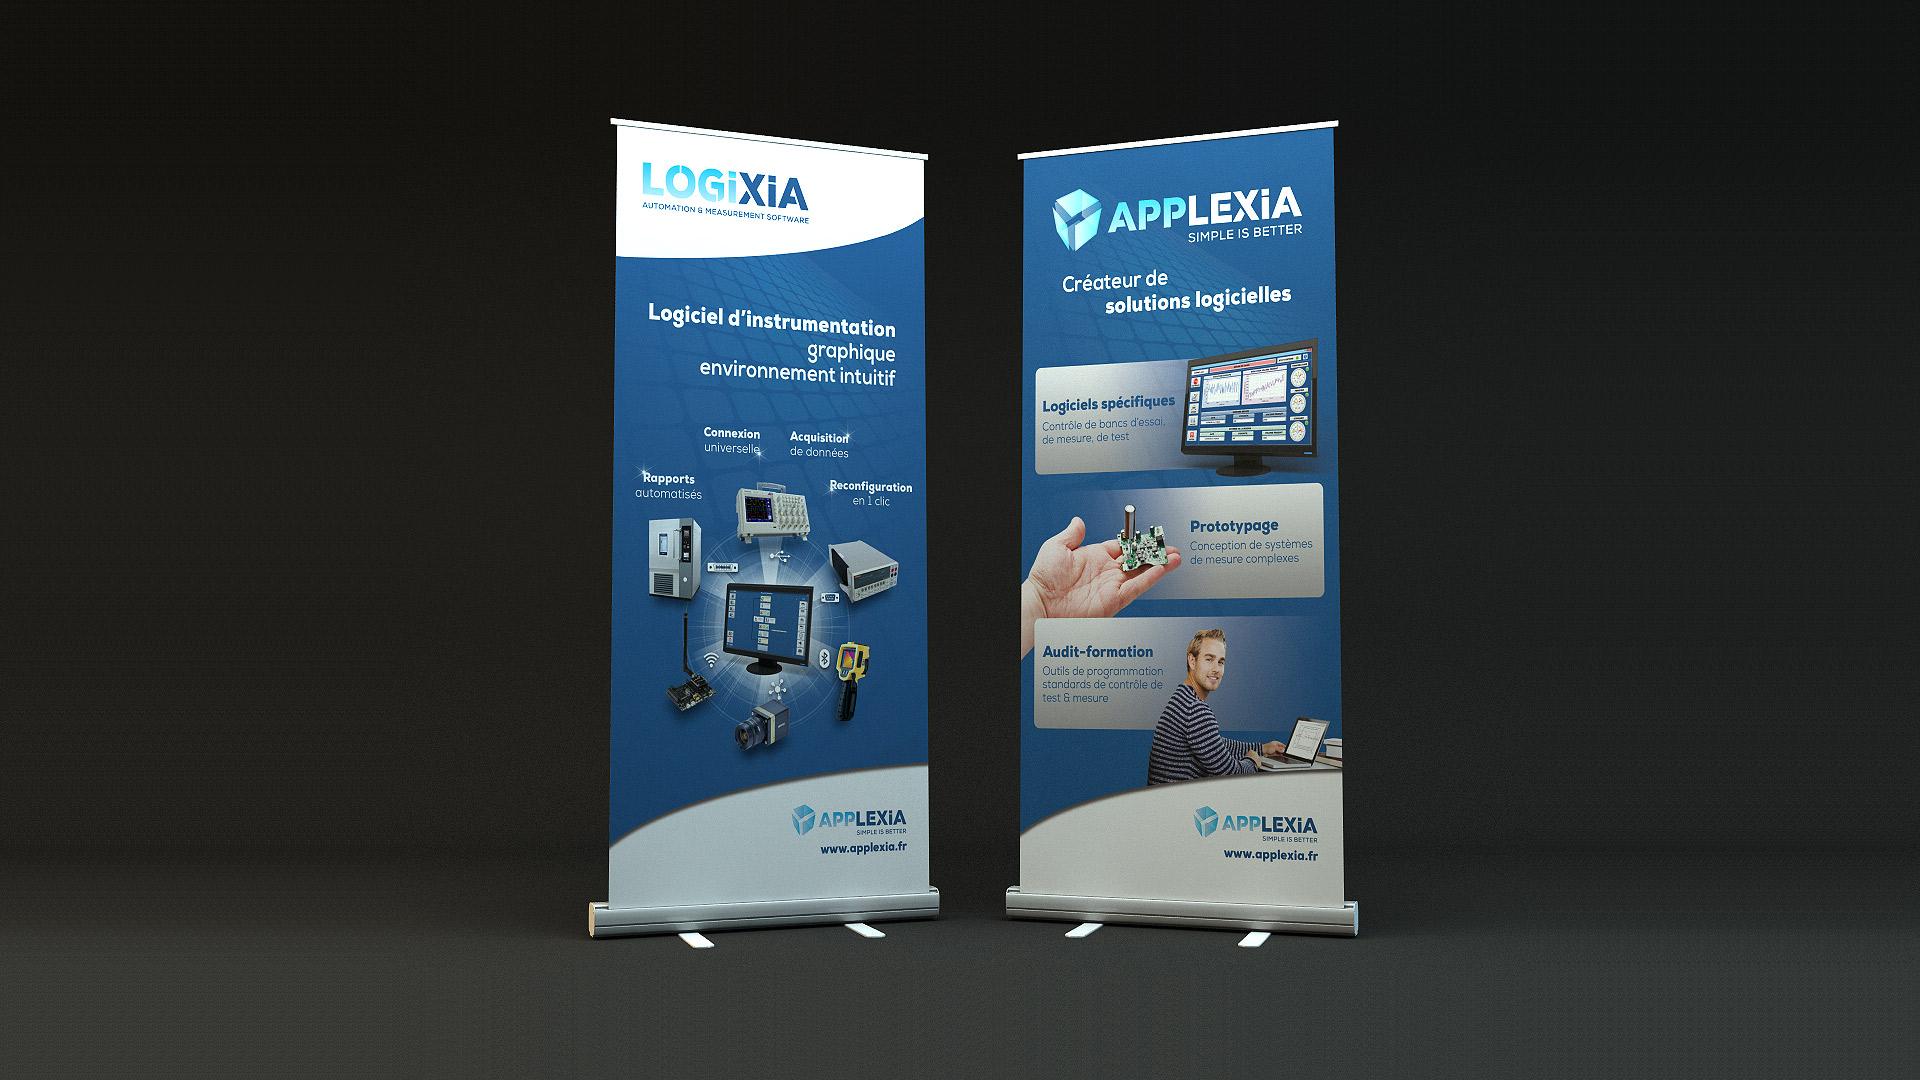 applexia-v2-18